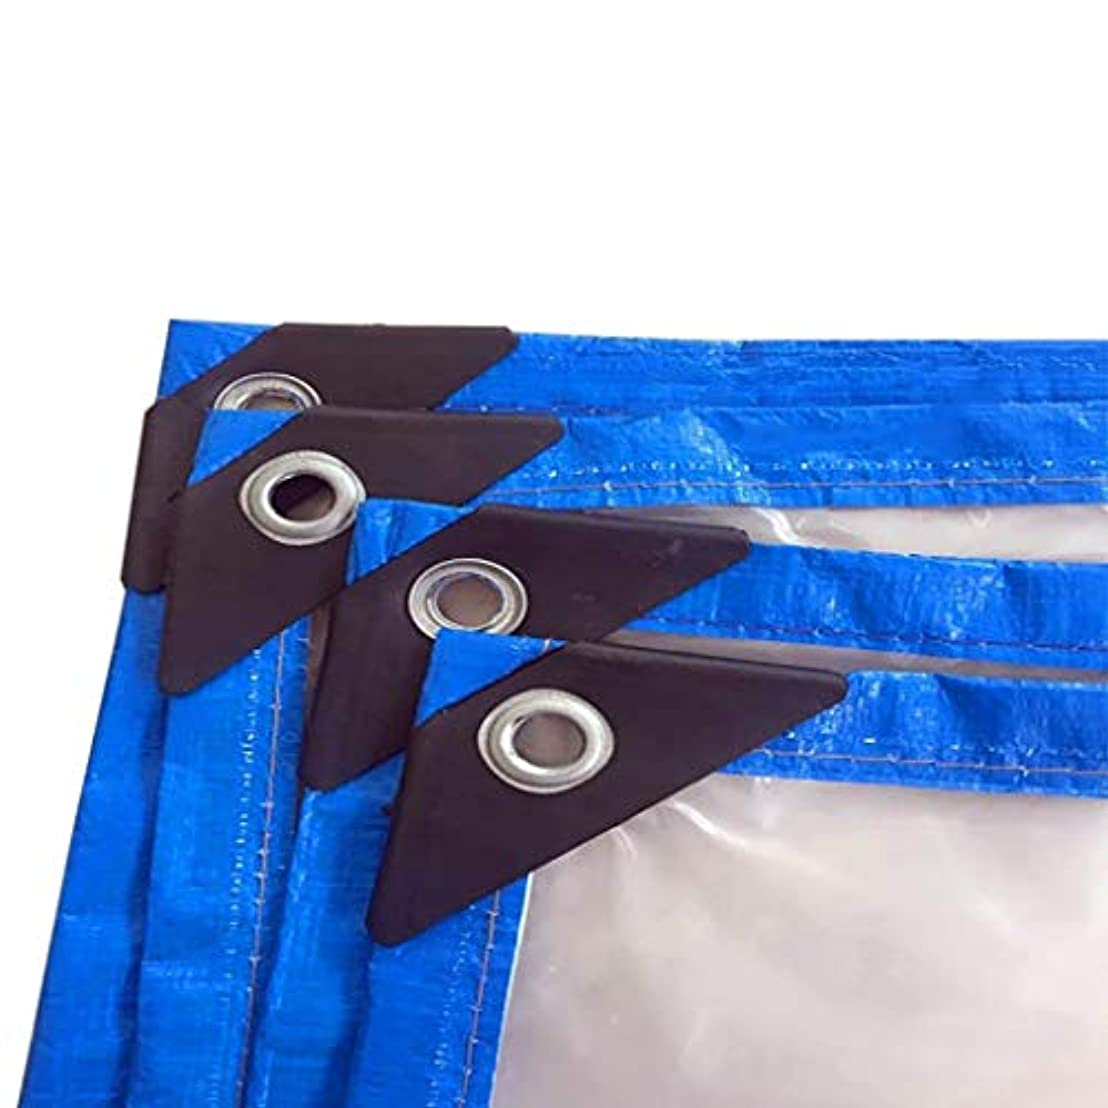 マニュアル民間高潔なタープ グロメット付きの太陽と雨/透明な防水シートのためのプラスチック防水シート、耐引裂性、アンチエイジング テント (Color : Clear, Size : 3×4M)